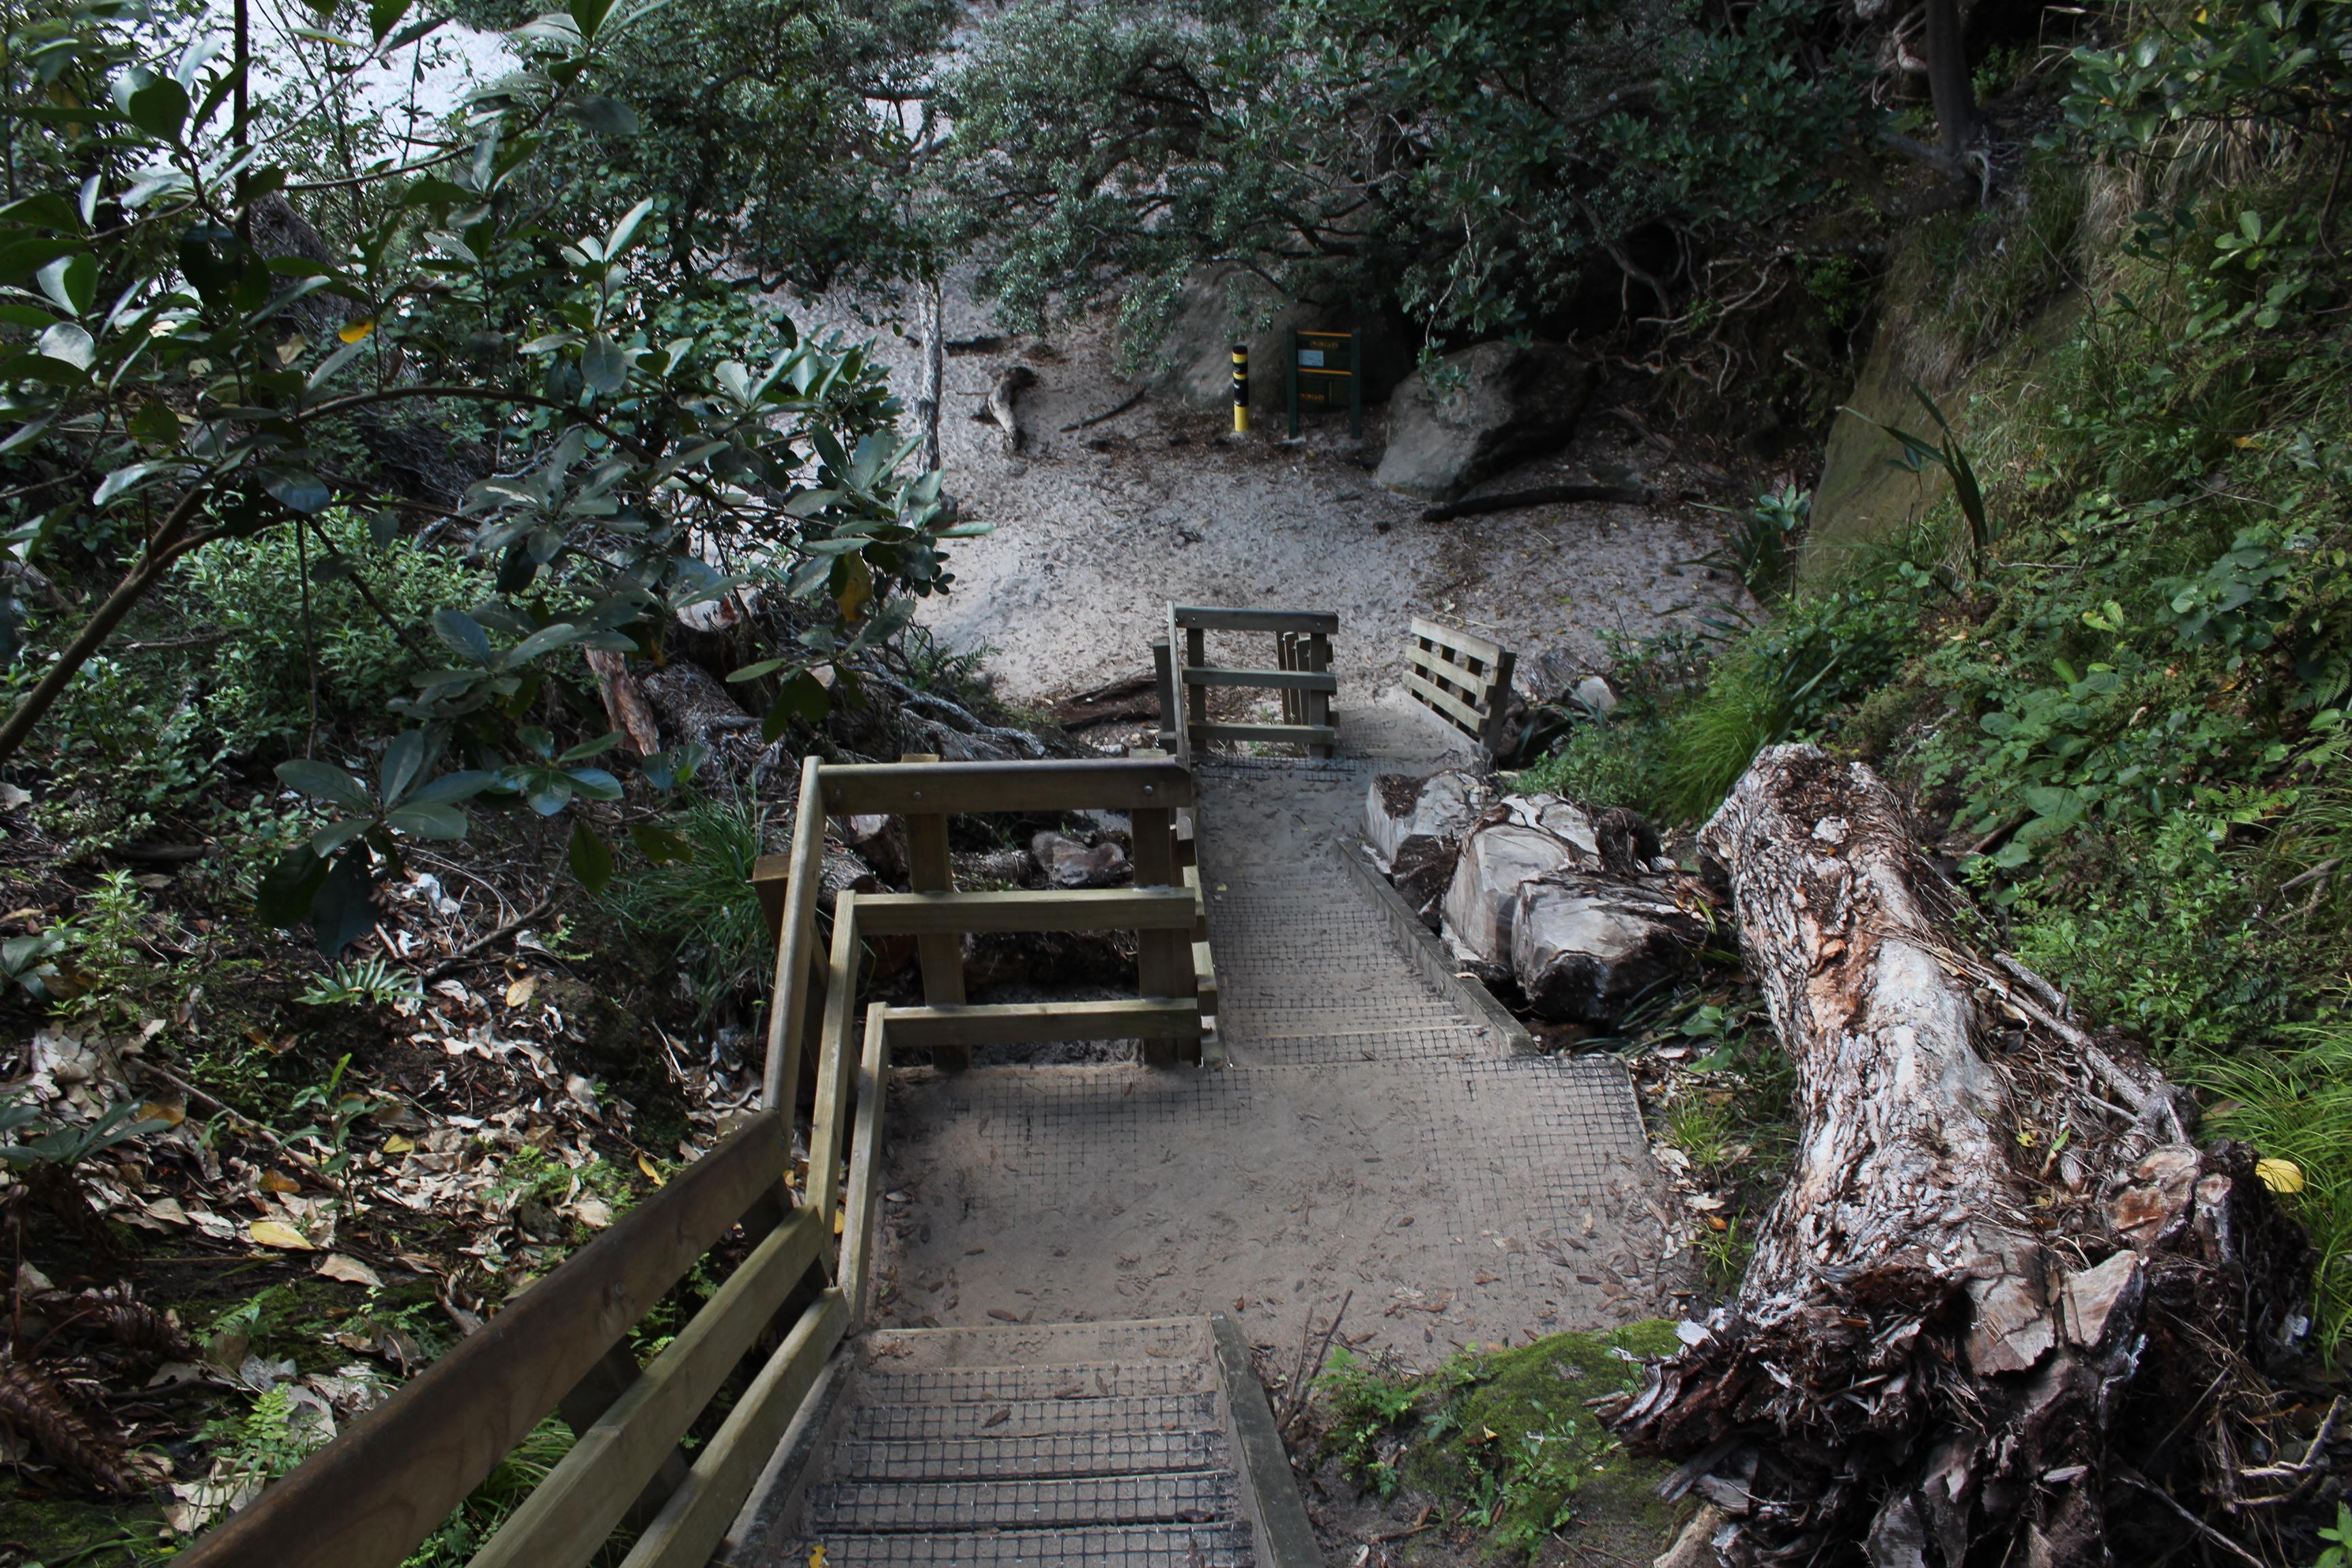 Nouvelle Zélande - Cathedral Cove - Les lubies de Louise (6)